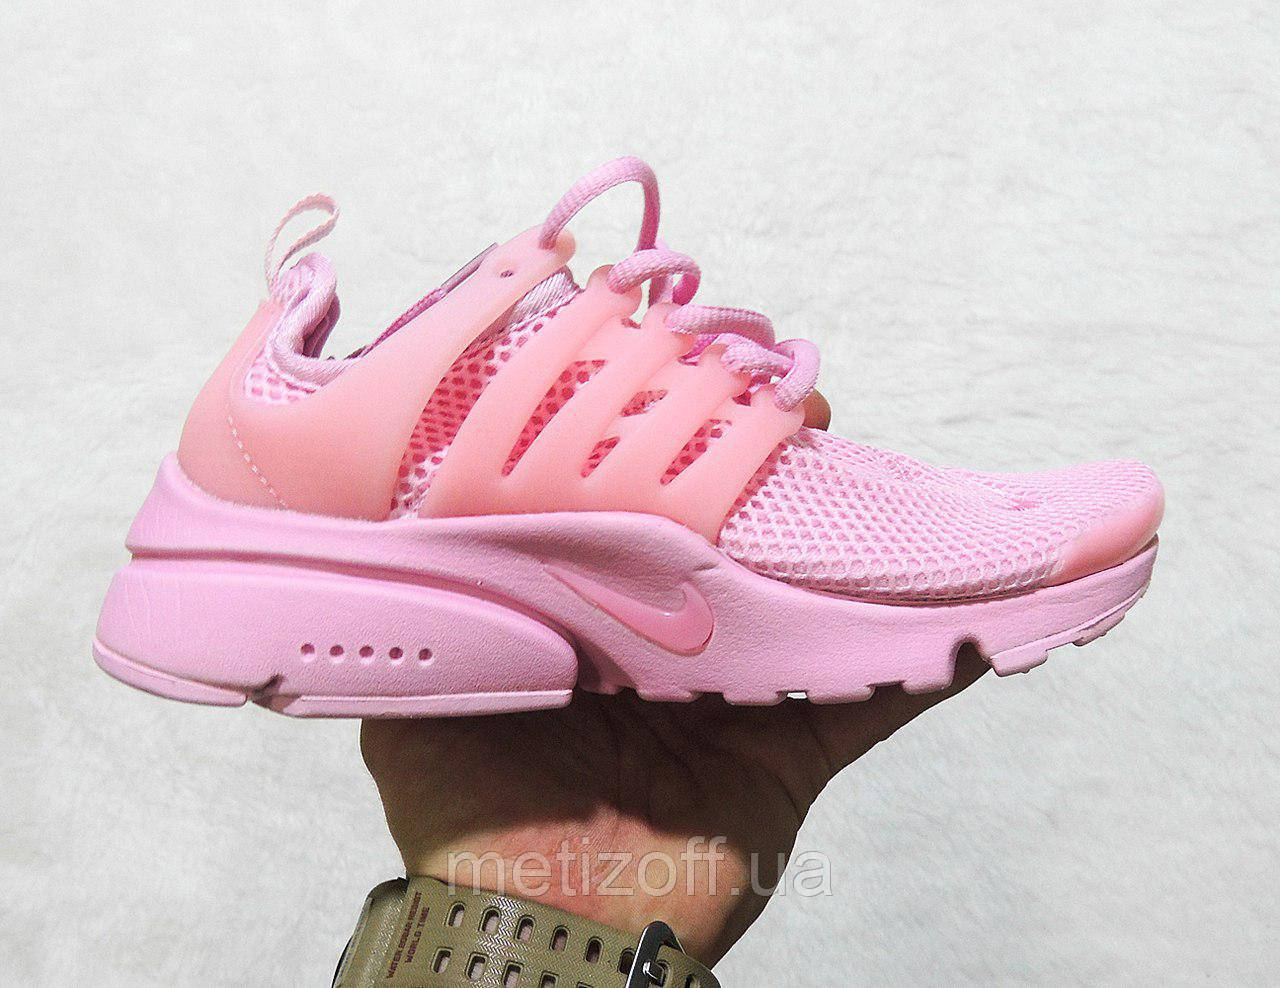 Женские кроссовки Nike Air Presto Br Women All Pink - Интернет-магазин  одежды ed9edaa50c646